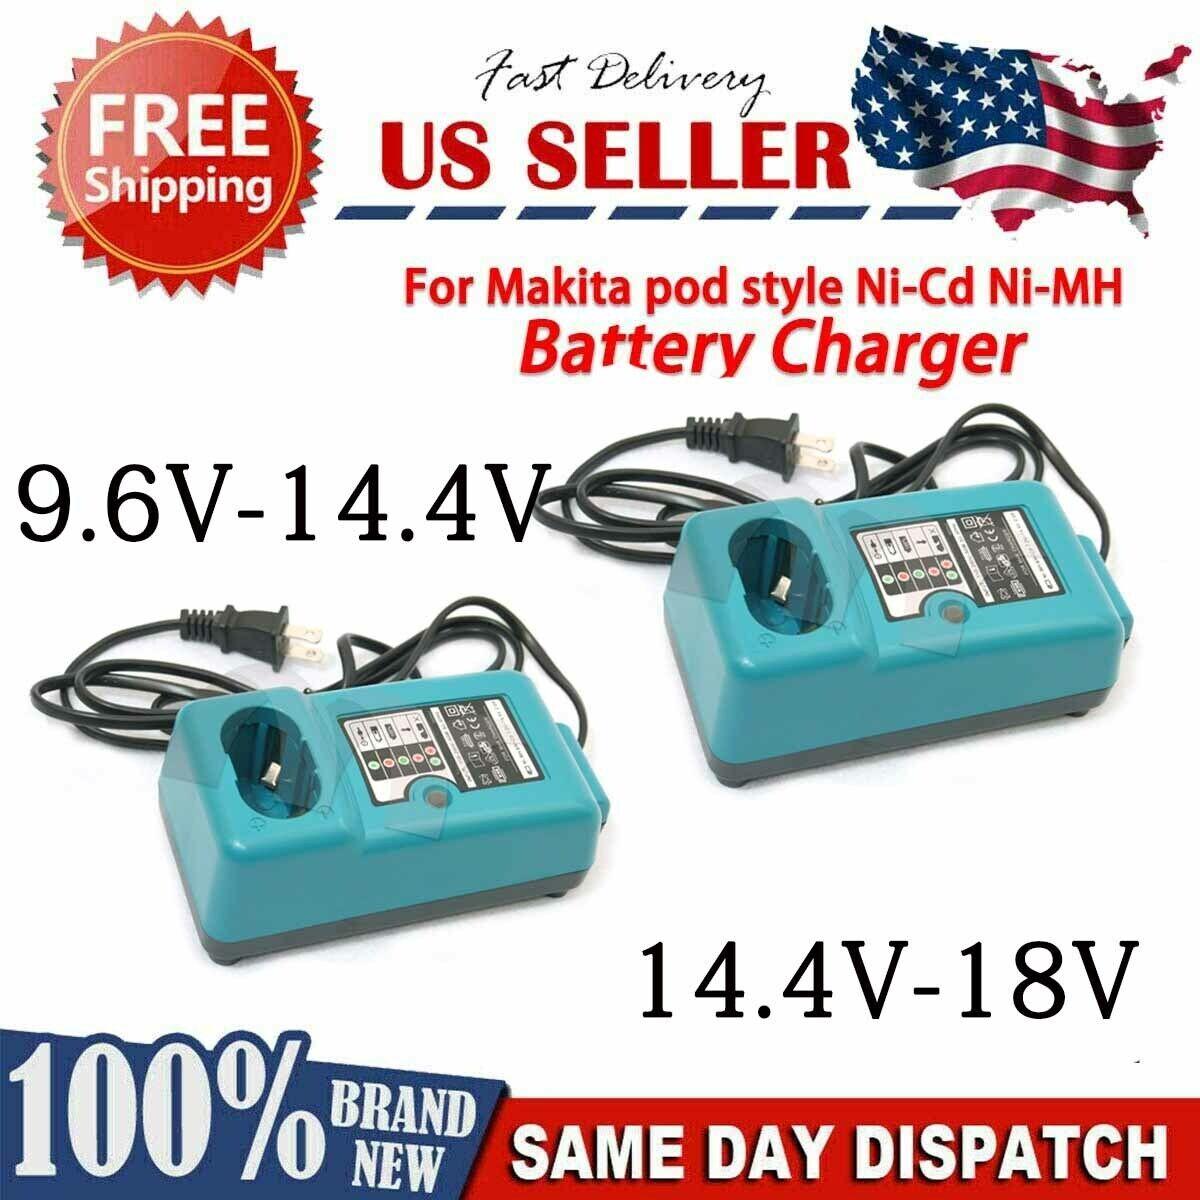 Battery Charger for Makita DC1414 DC1413 DC1411 9.6 -14.4 V/14.4-18V Ni-CD Ni-MH